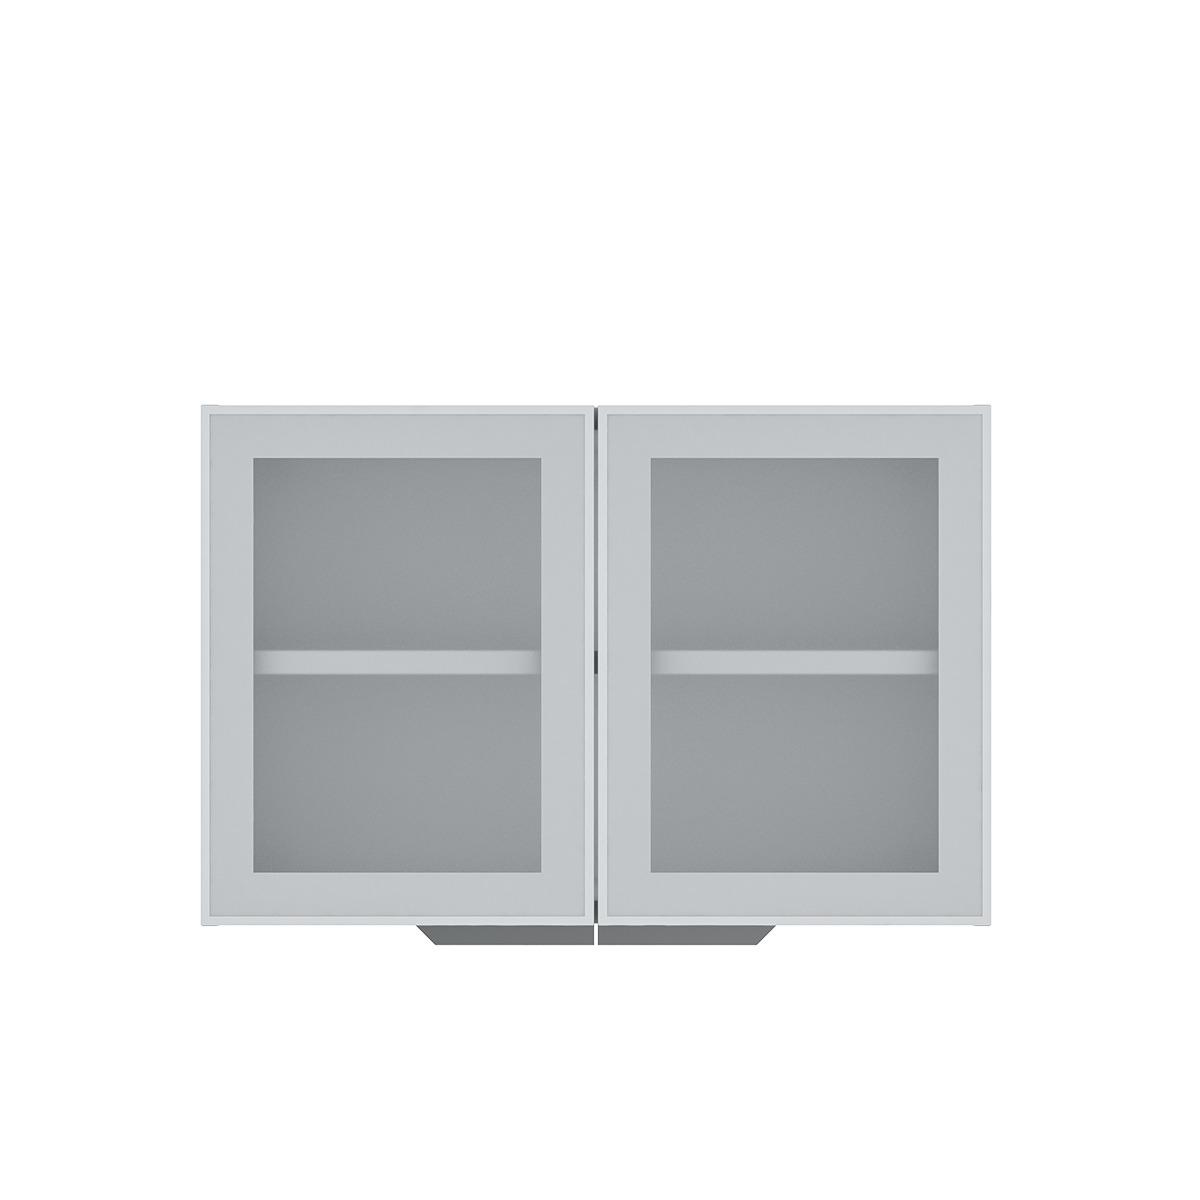 Armário de Cozinha Aéreo Colormaq Verona 2 Portas 52,8x80cm em Aço e Vidro